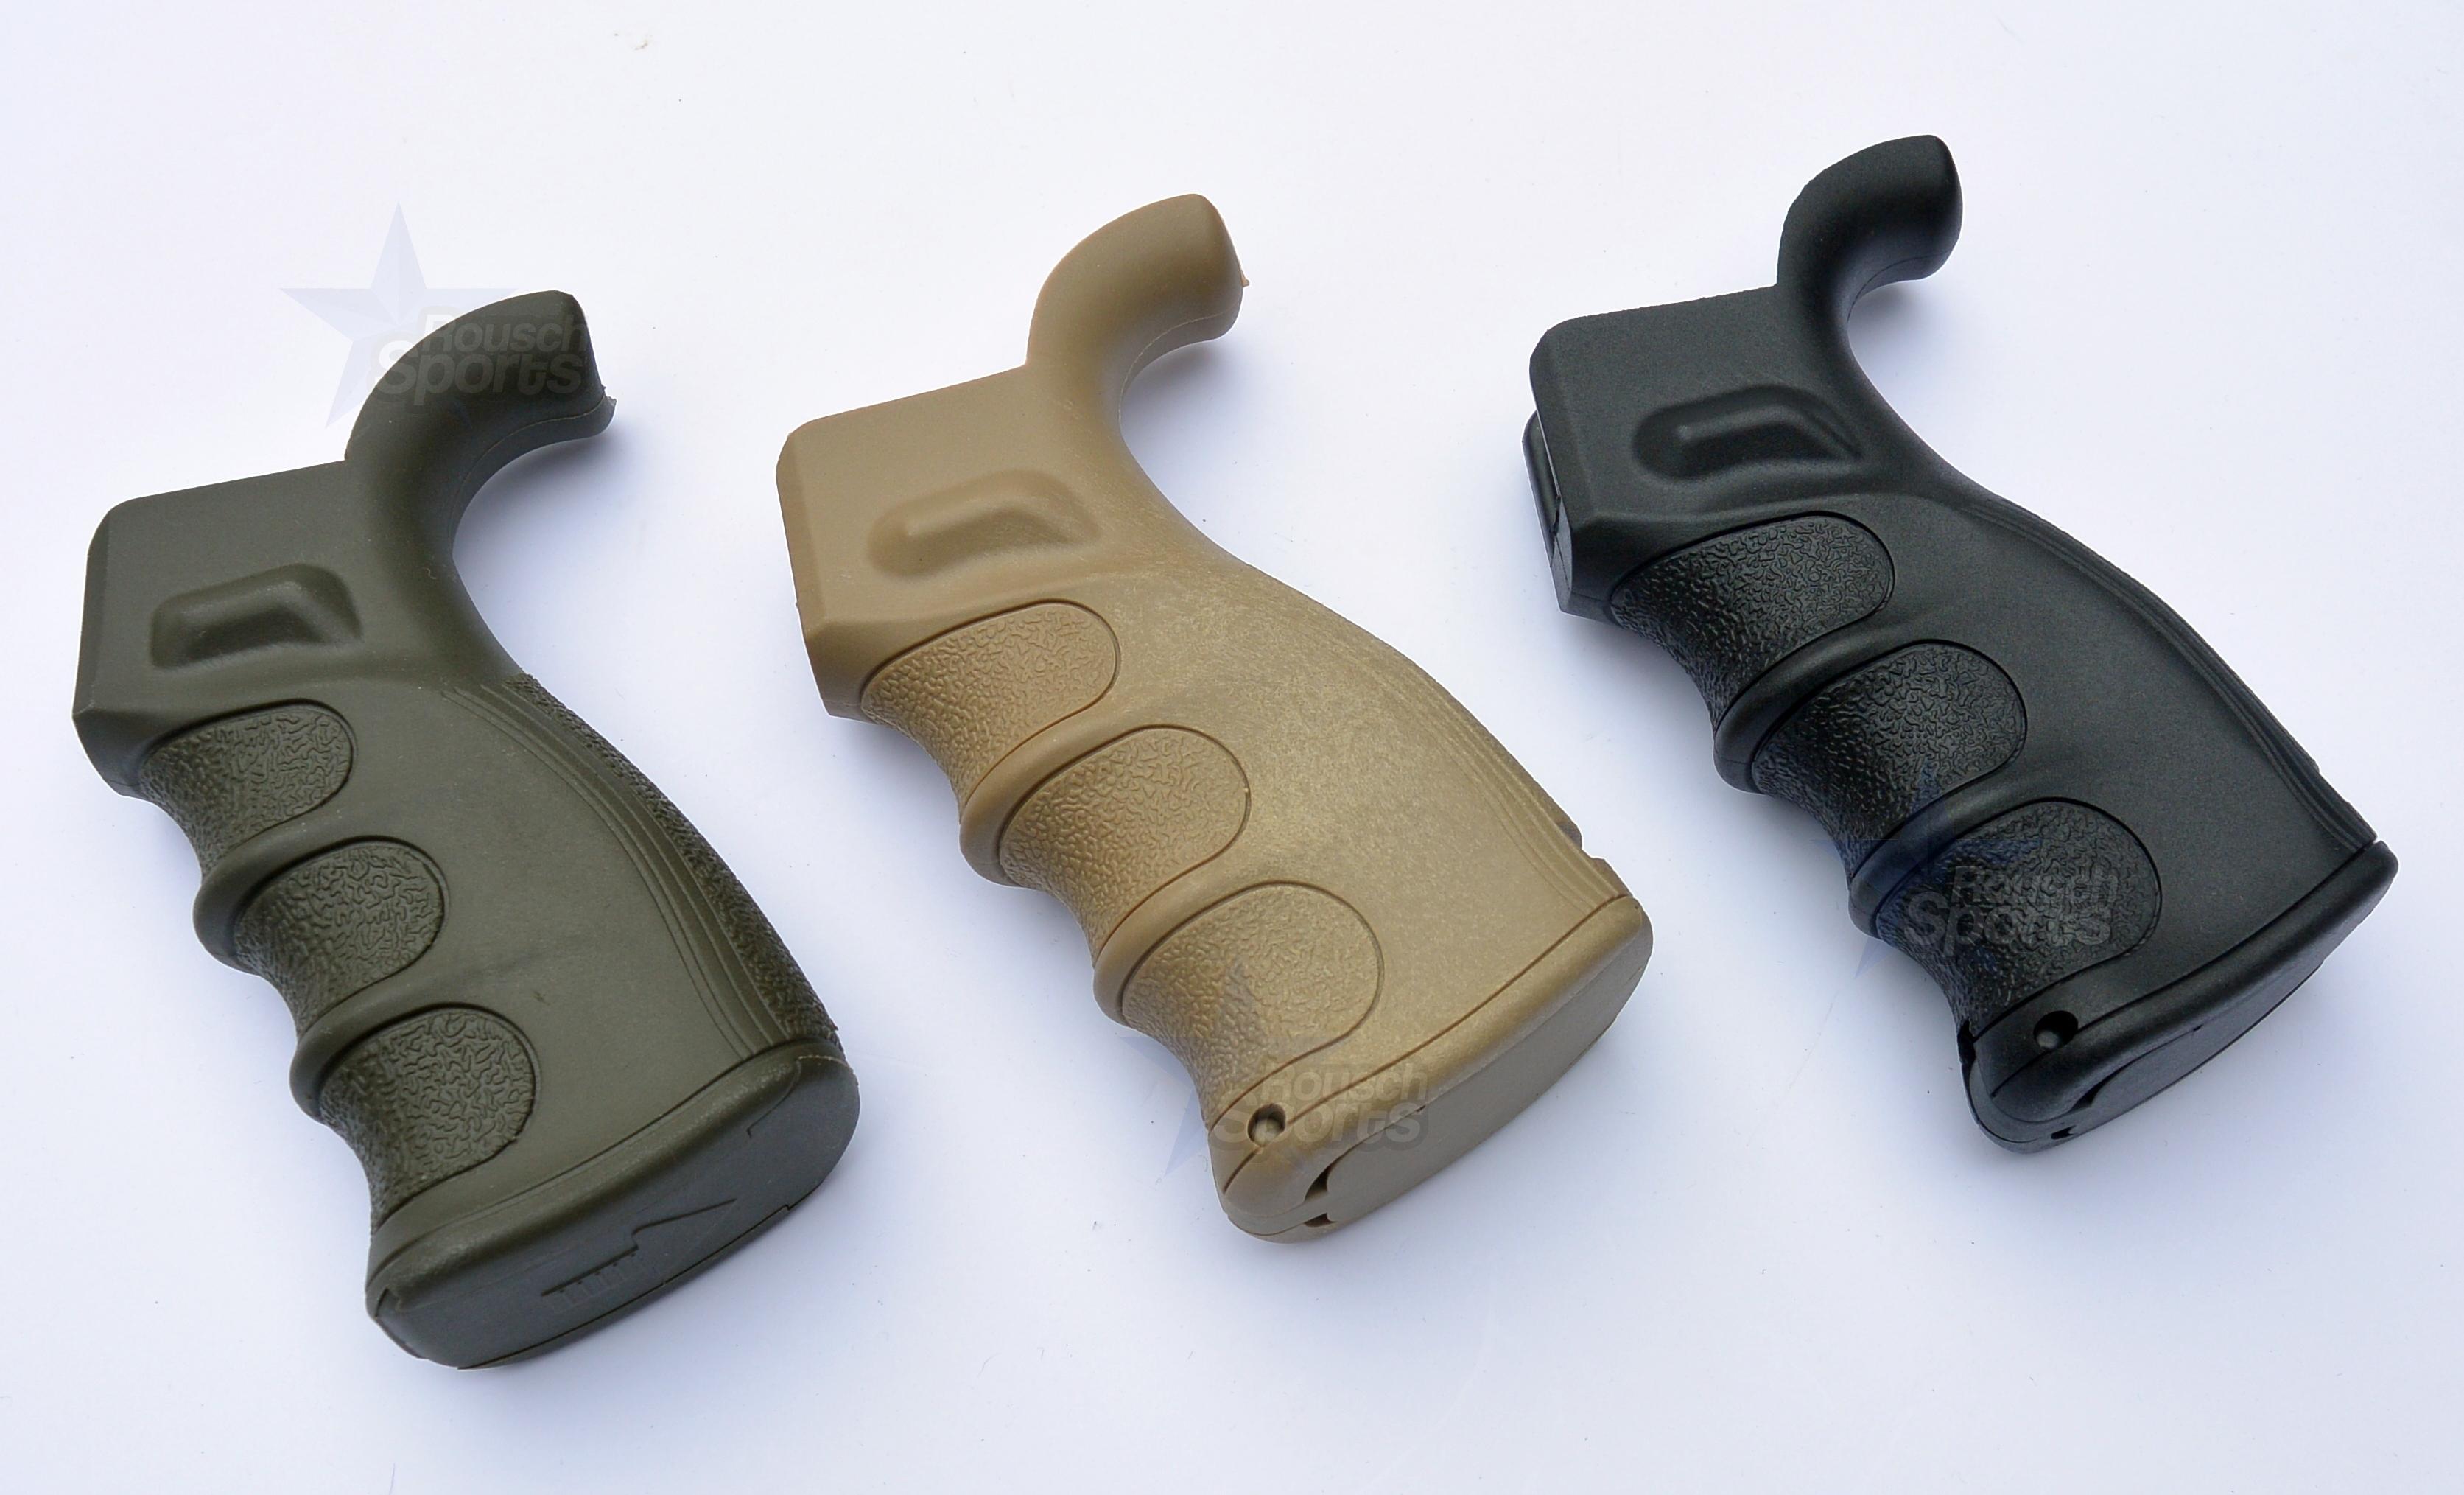 Ar15 Pistol Grip Black Fde Od Green Rousch Sports